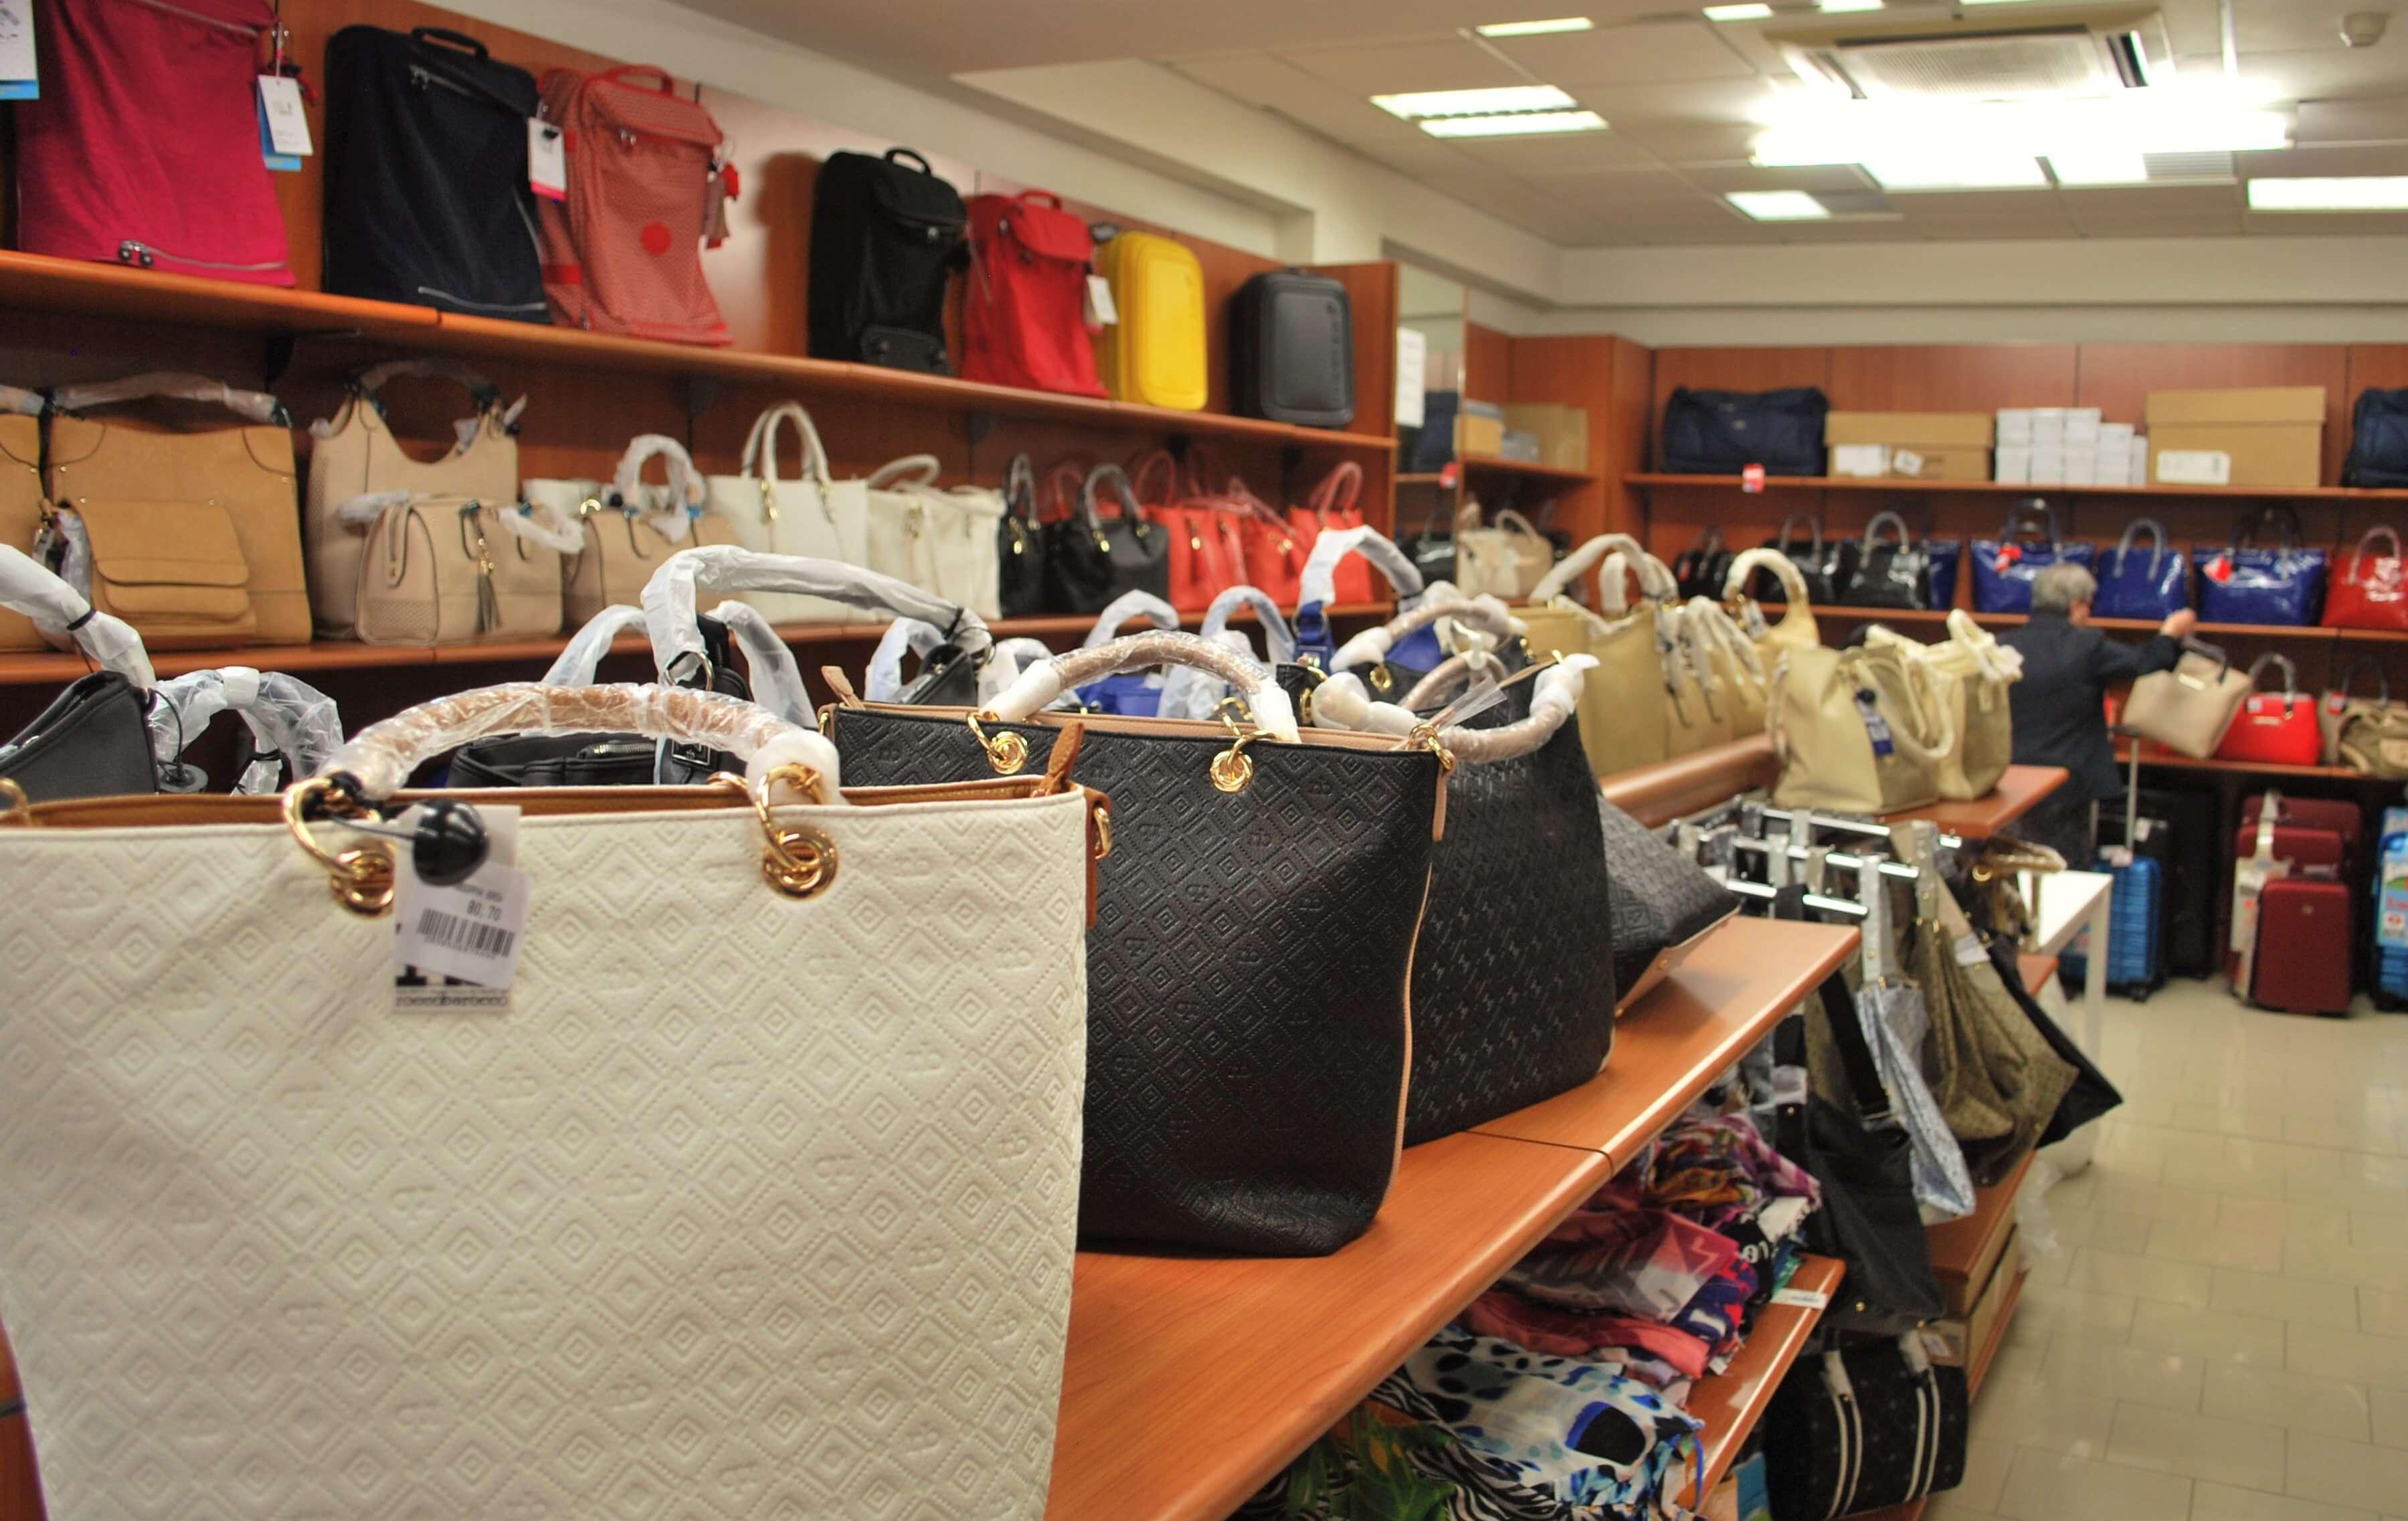 acac5cb259255 Interno del negozio abbigliamento e accessori a Roma